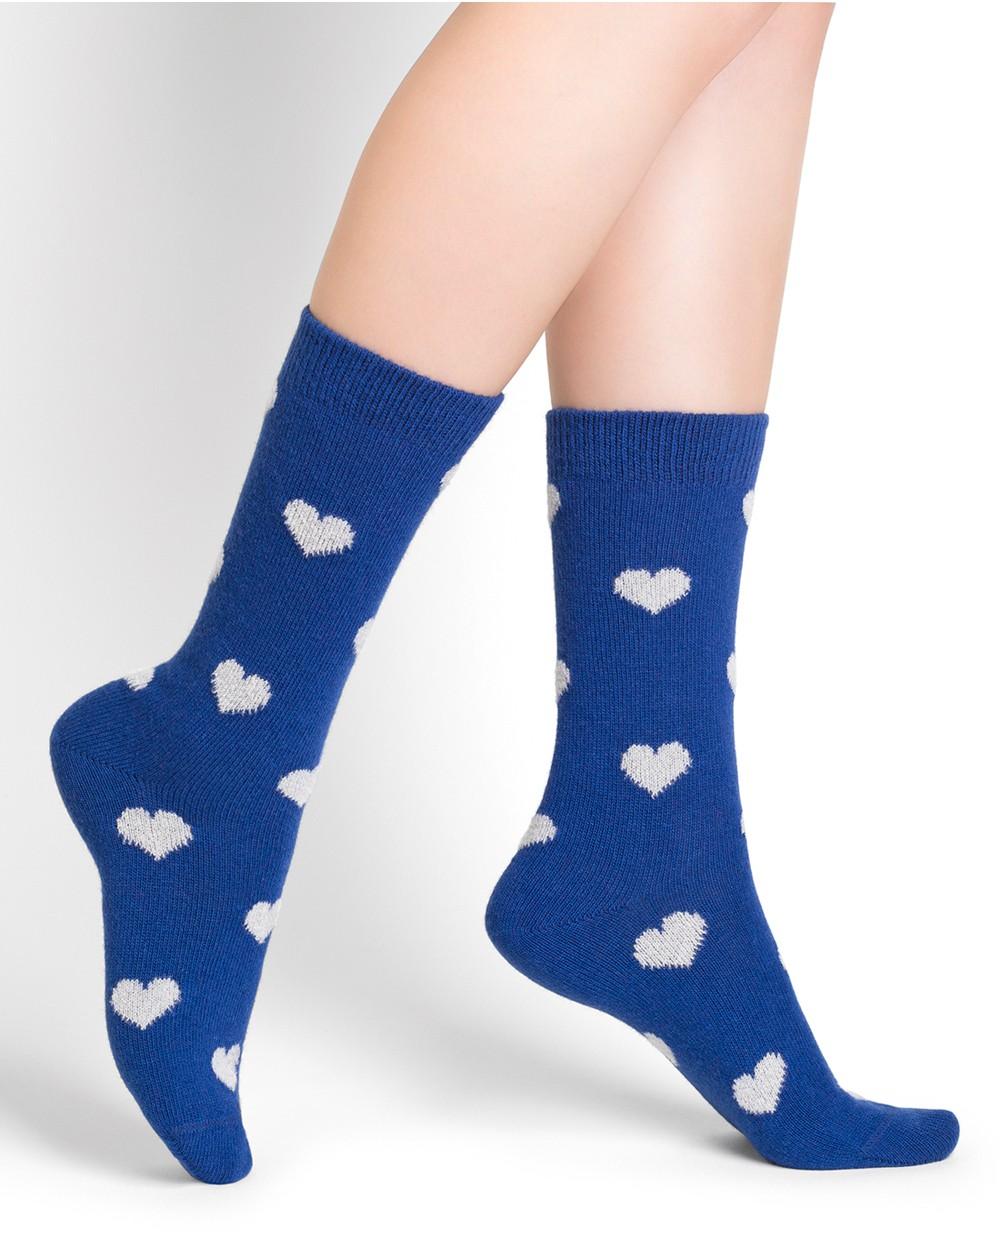 Chaussettes laine cachemire motifs cœurs